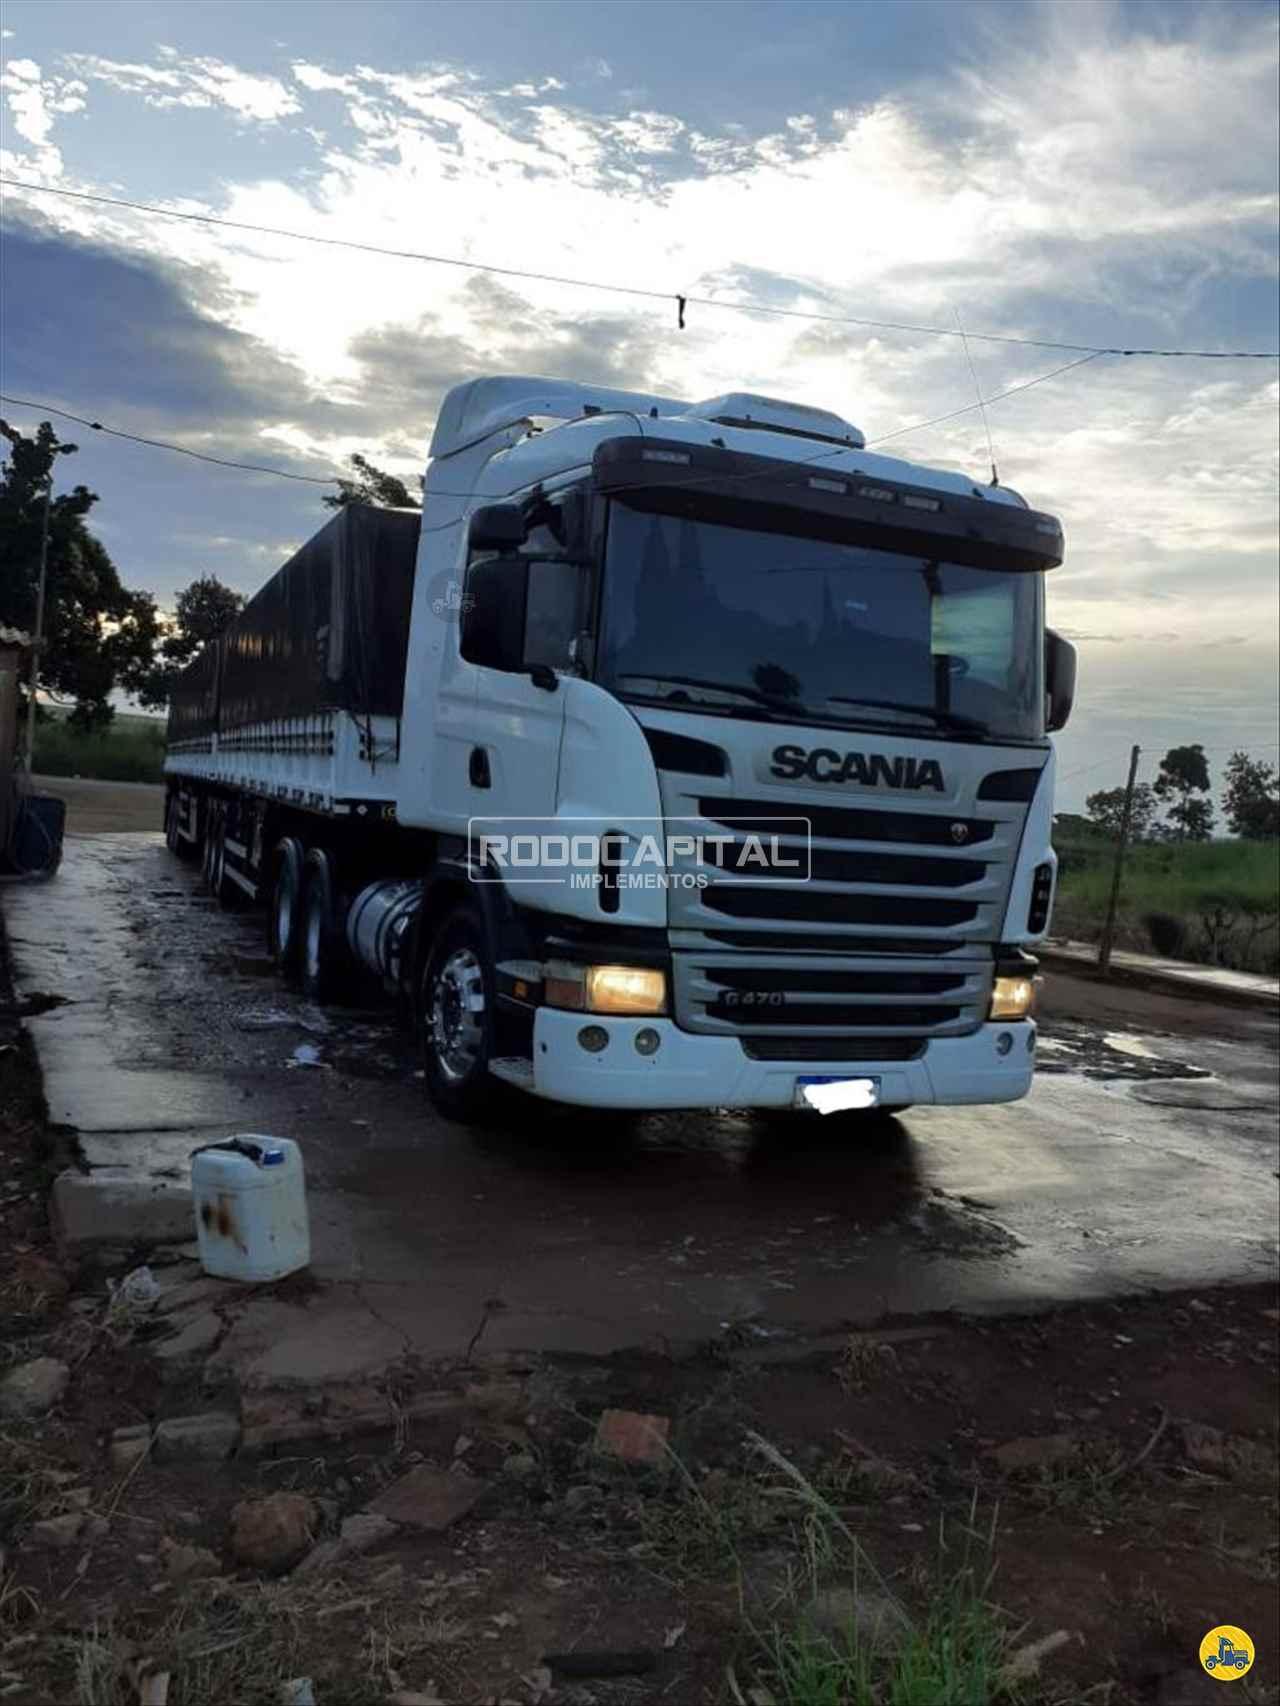 CAMINHAO SCANIA SCANIA 470 Cavalo Mecânico Traçado 6x4 RODOCAPITAL - TRUCKVAN BRASILIA DISTRITO FEDERAL DF